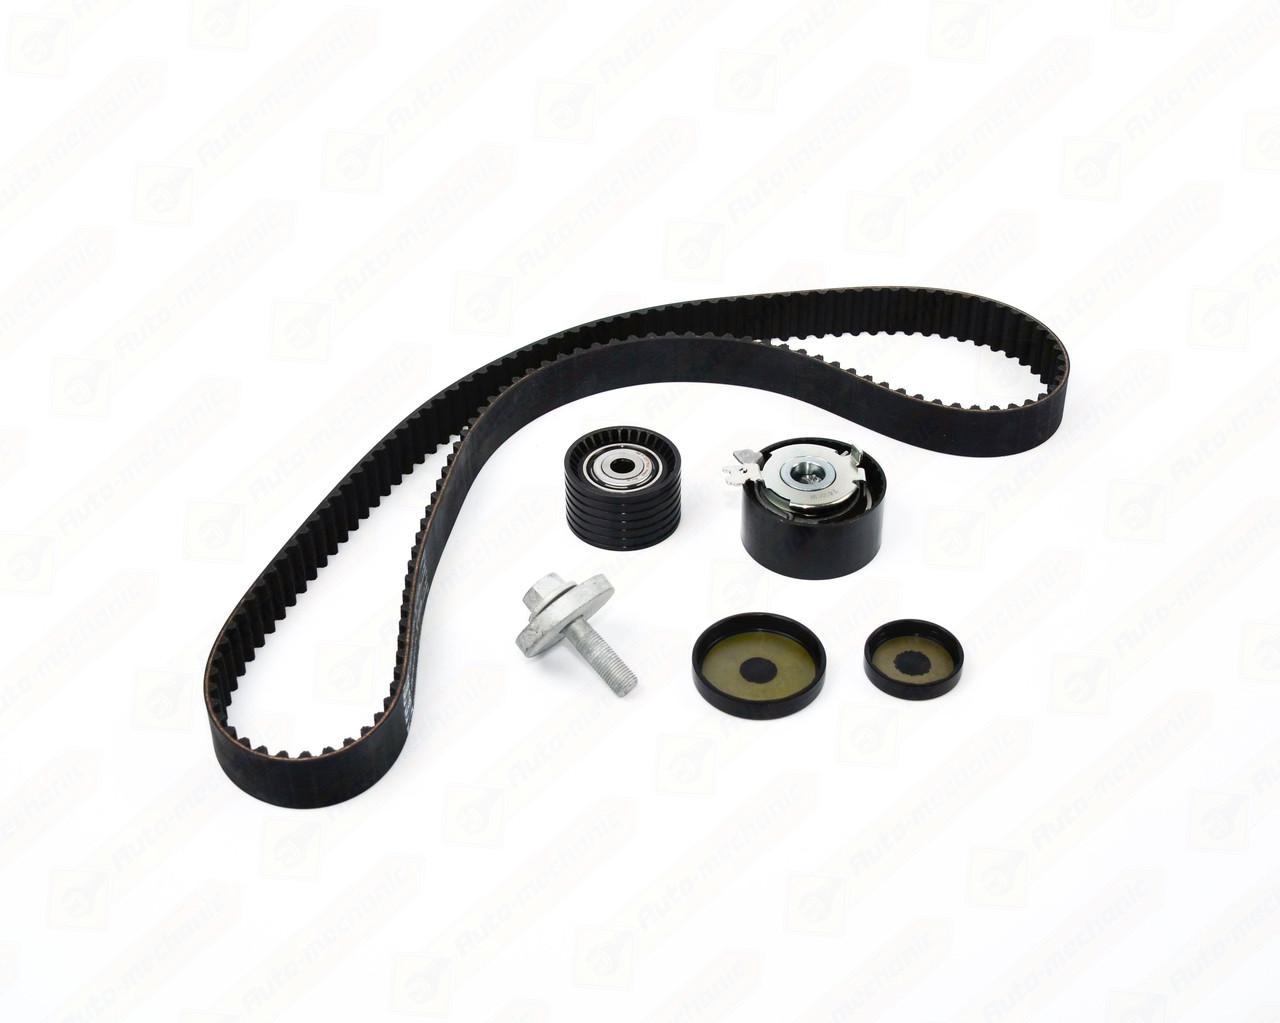 Комплект натяжитель + ролик + ремень ГРМ на Renault Fluence 1.6 16V — SNR - KD455.57